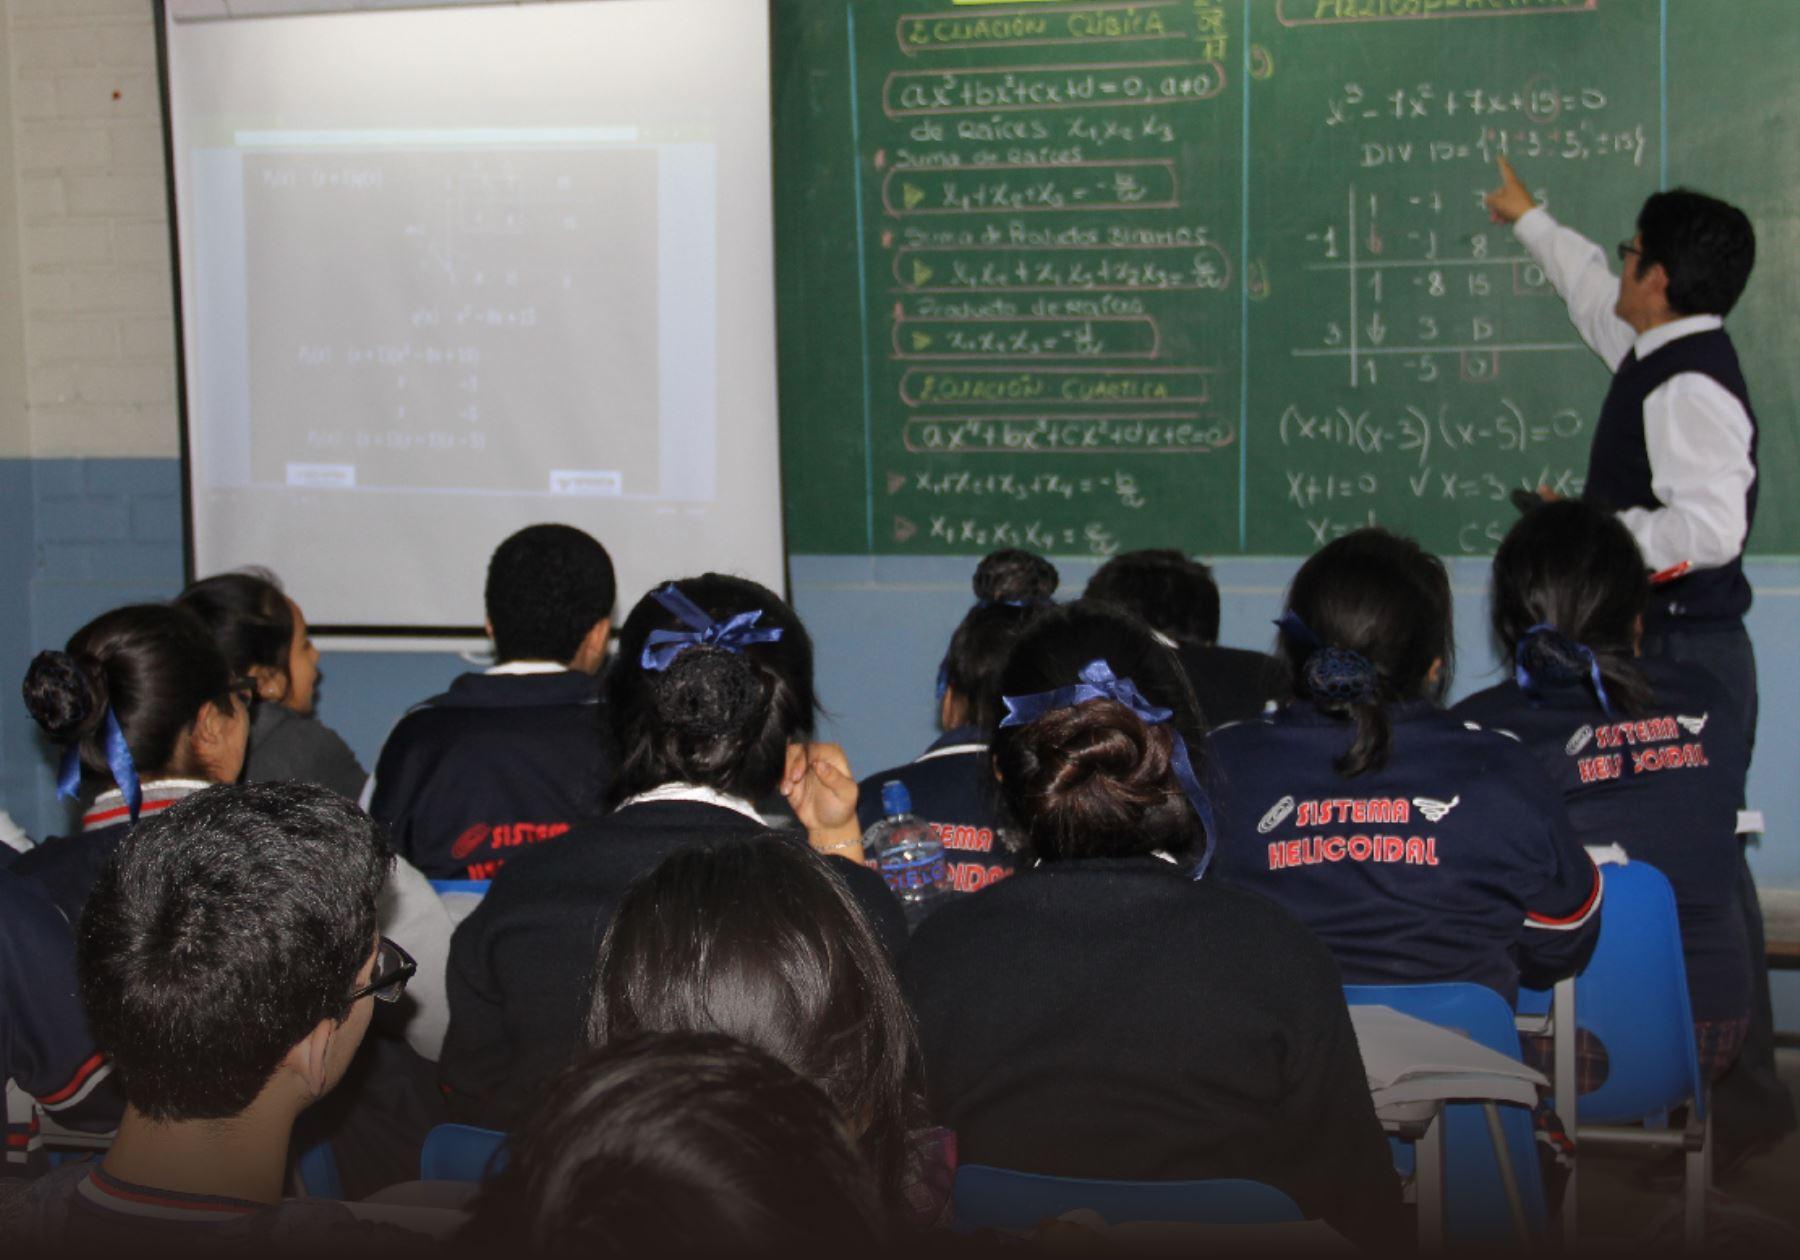 Dictar 225 N Clases Gratuitas Para Estudiantes De Colegios